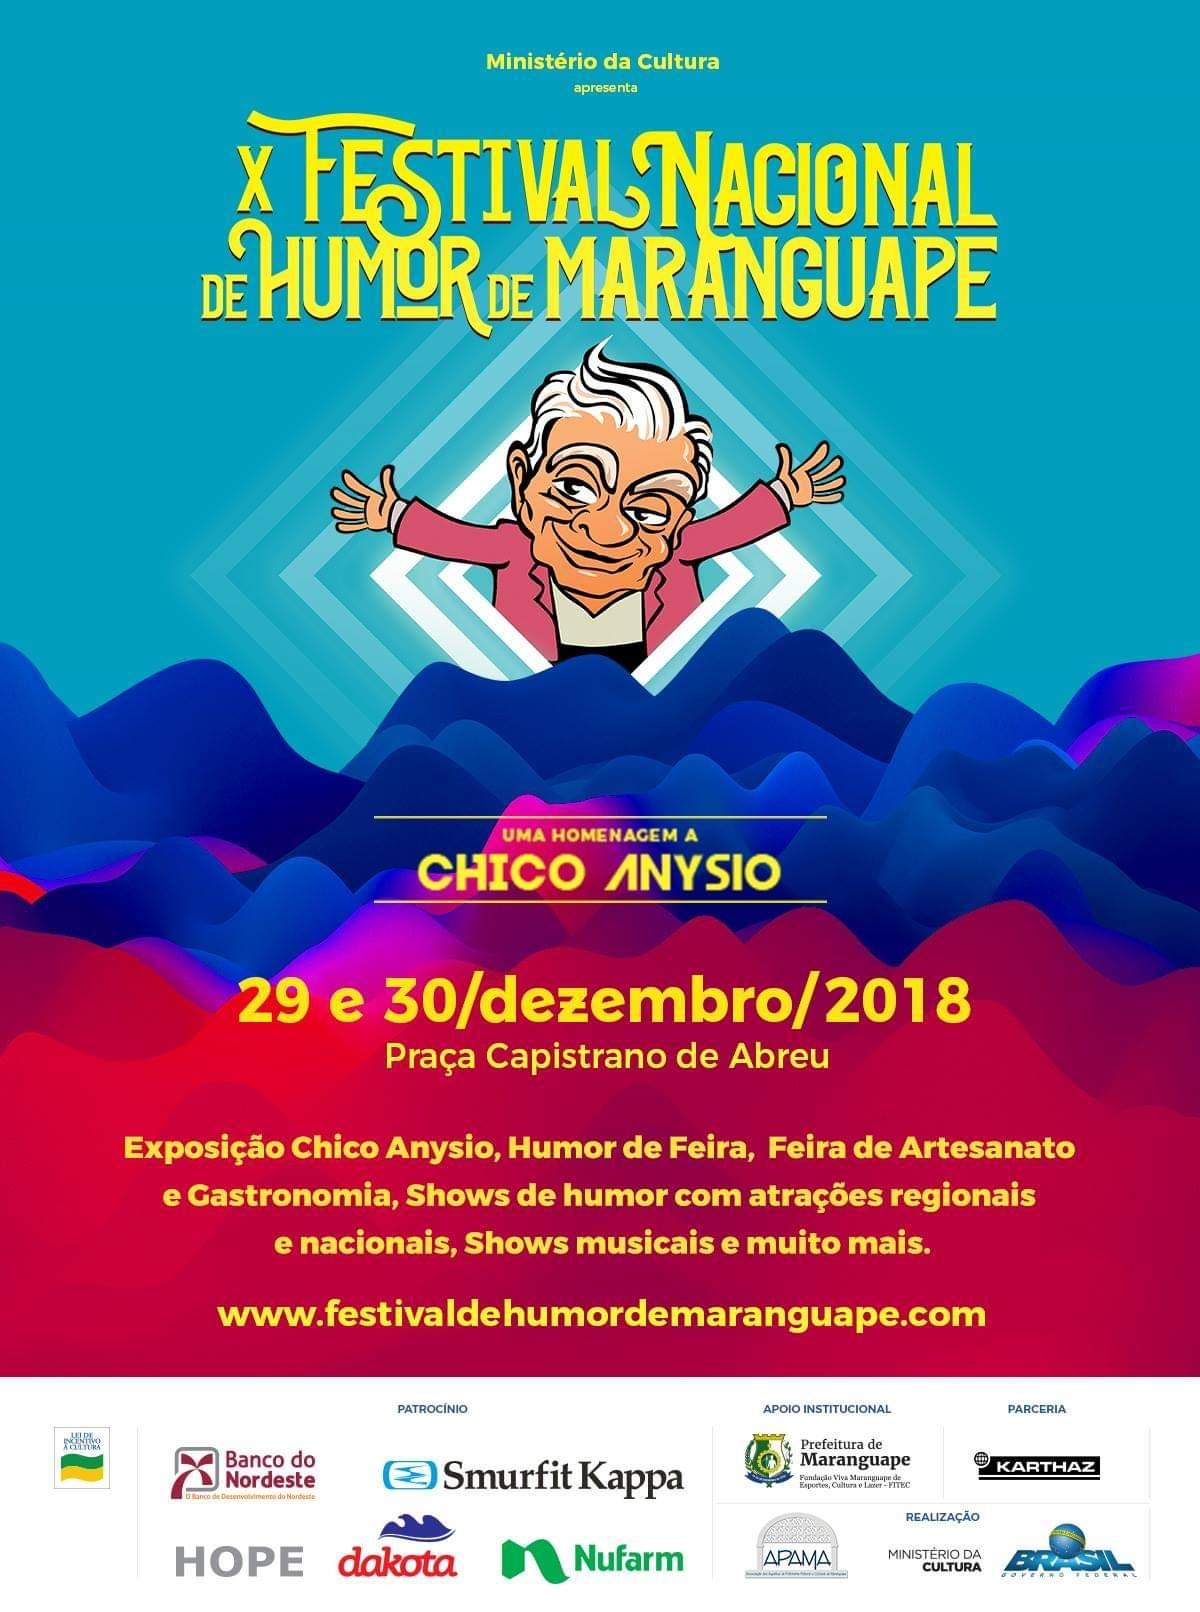 Festival Nacional de Humor de Maranguape. Divulgação